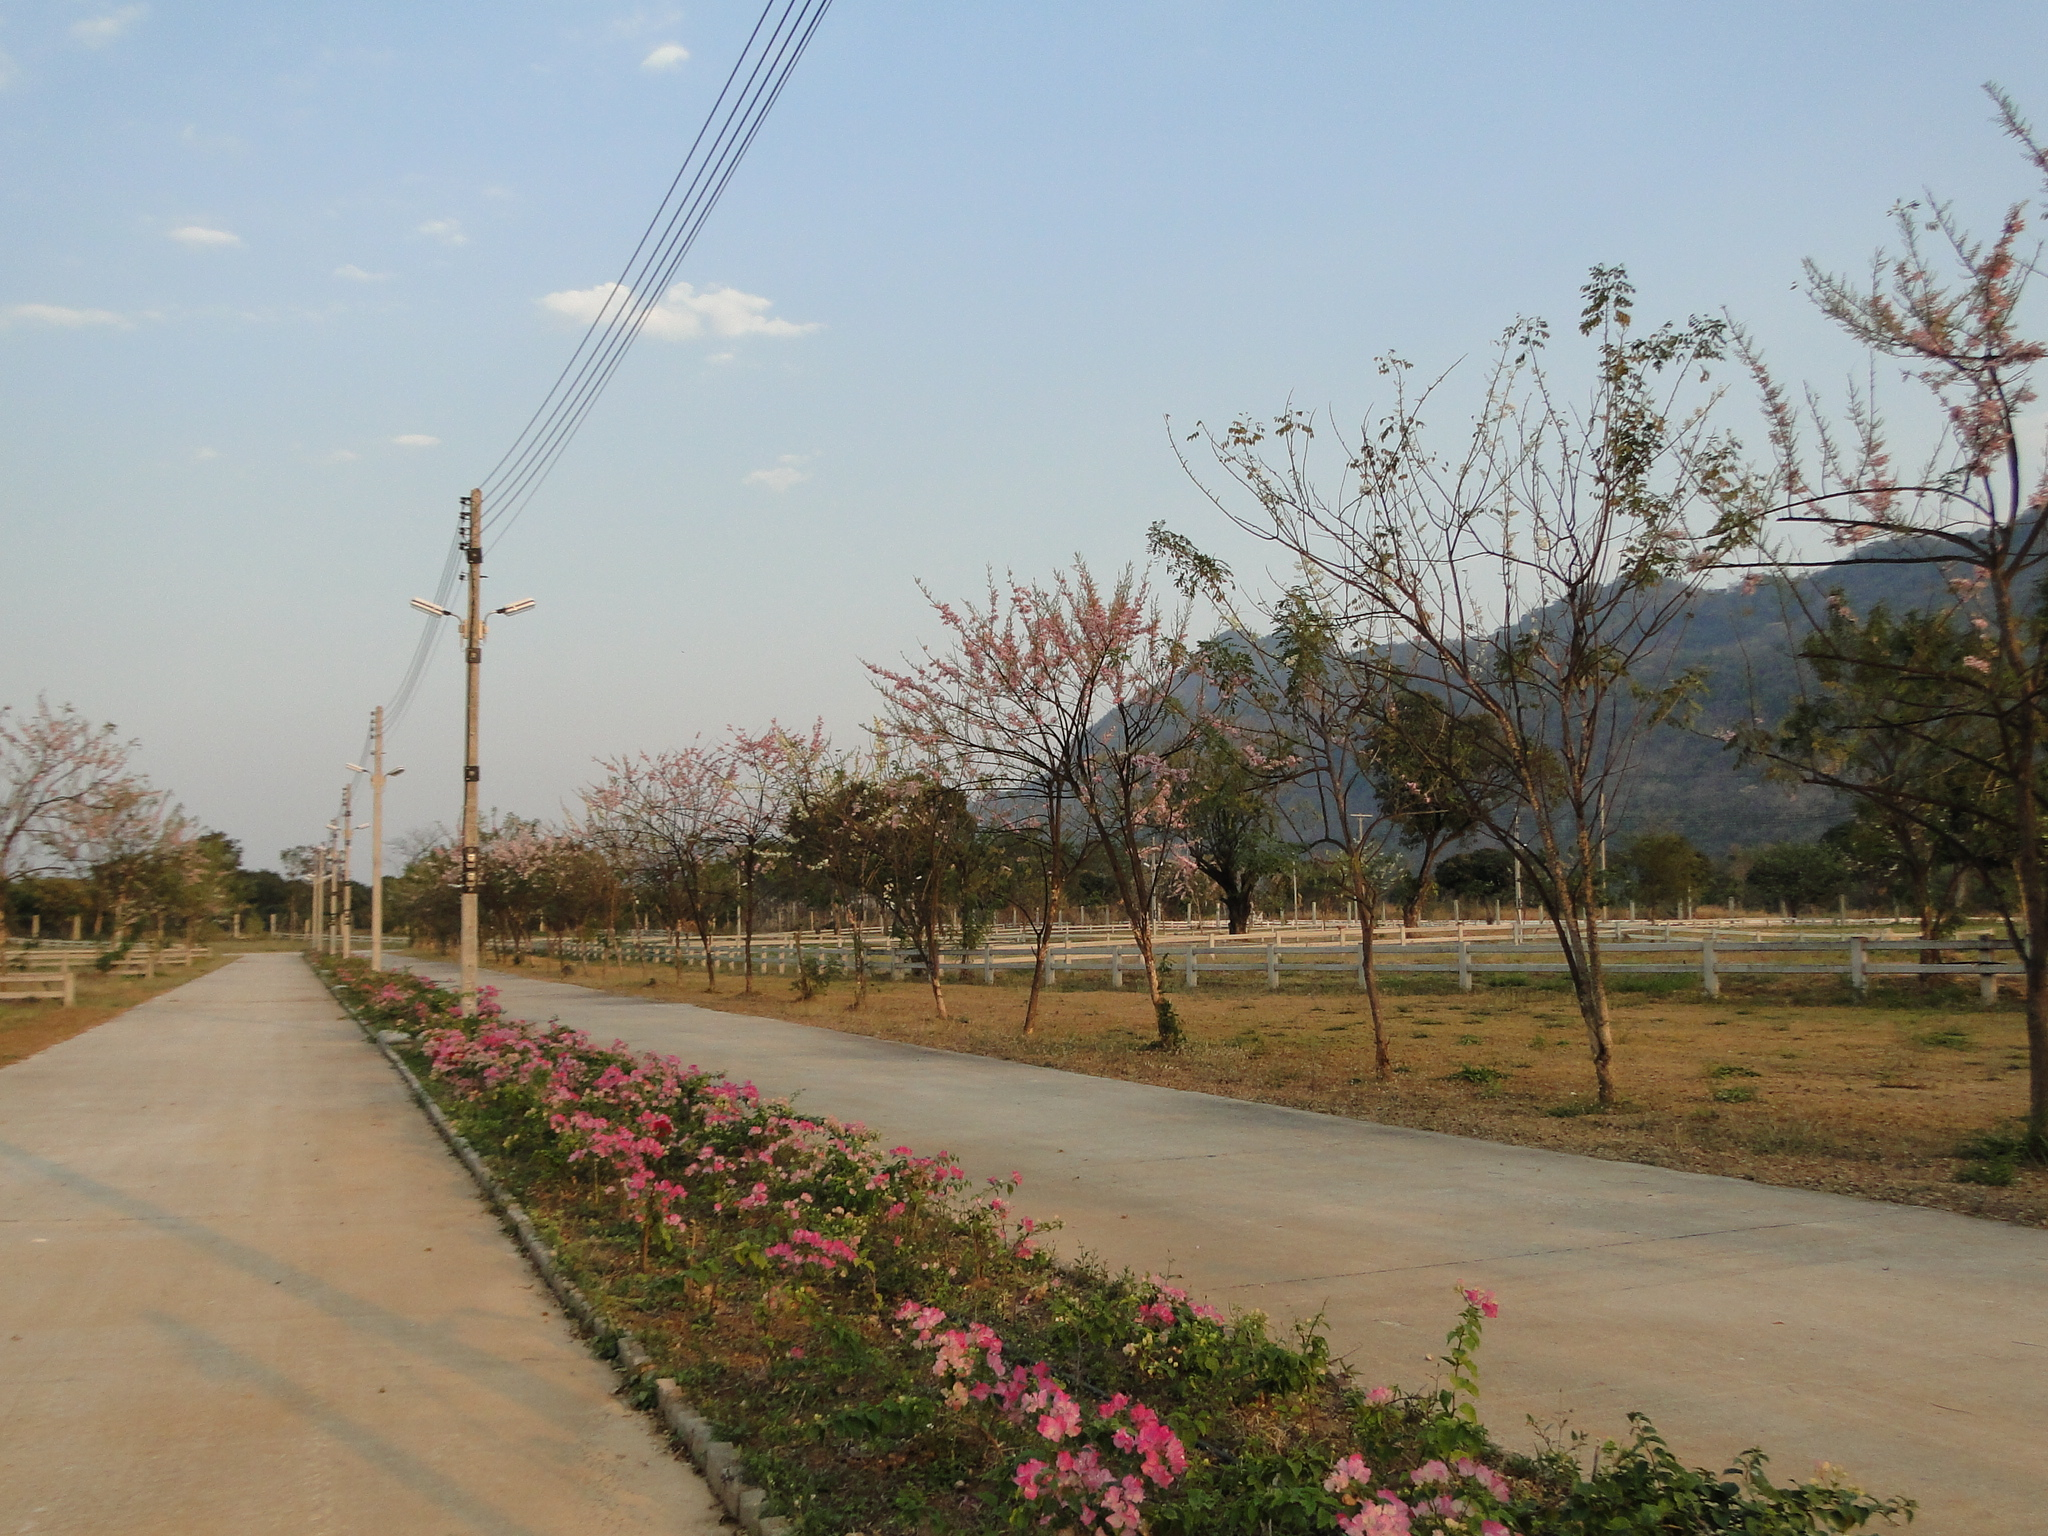 เขตถนนกว้างทั้งโครงการ 12-16 เมตร